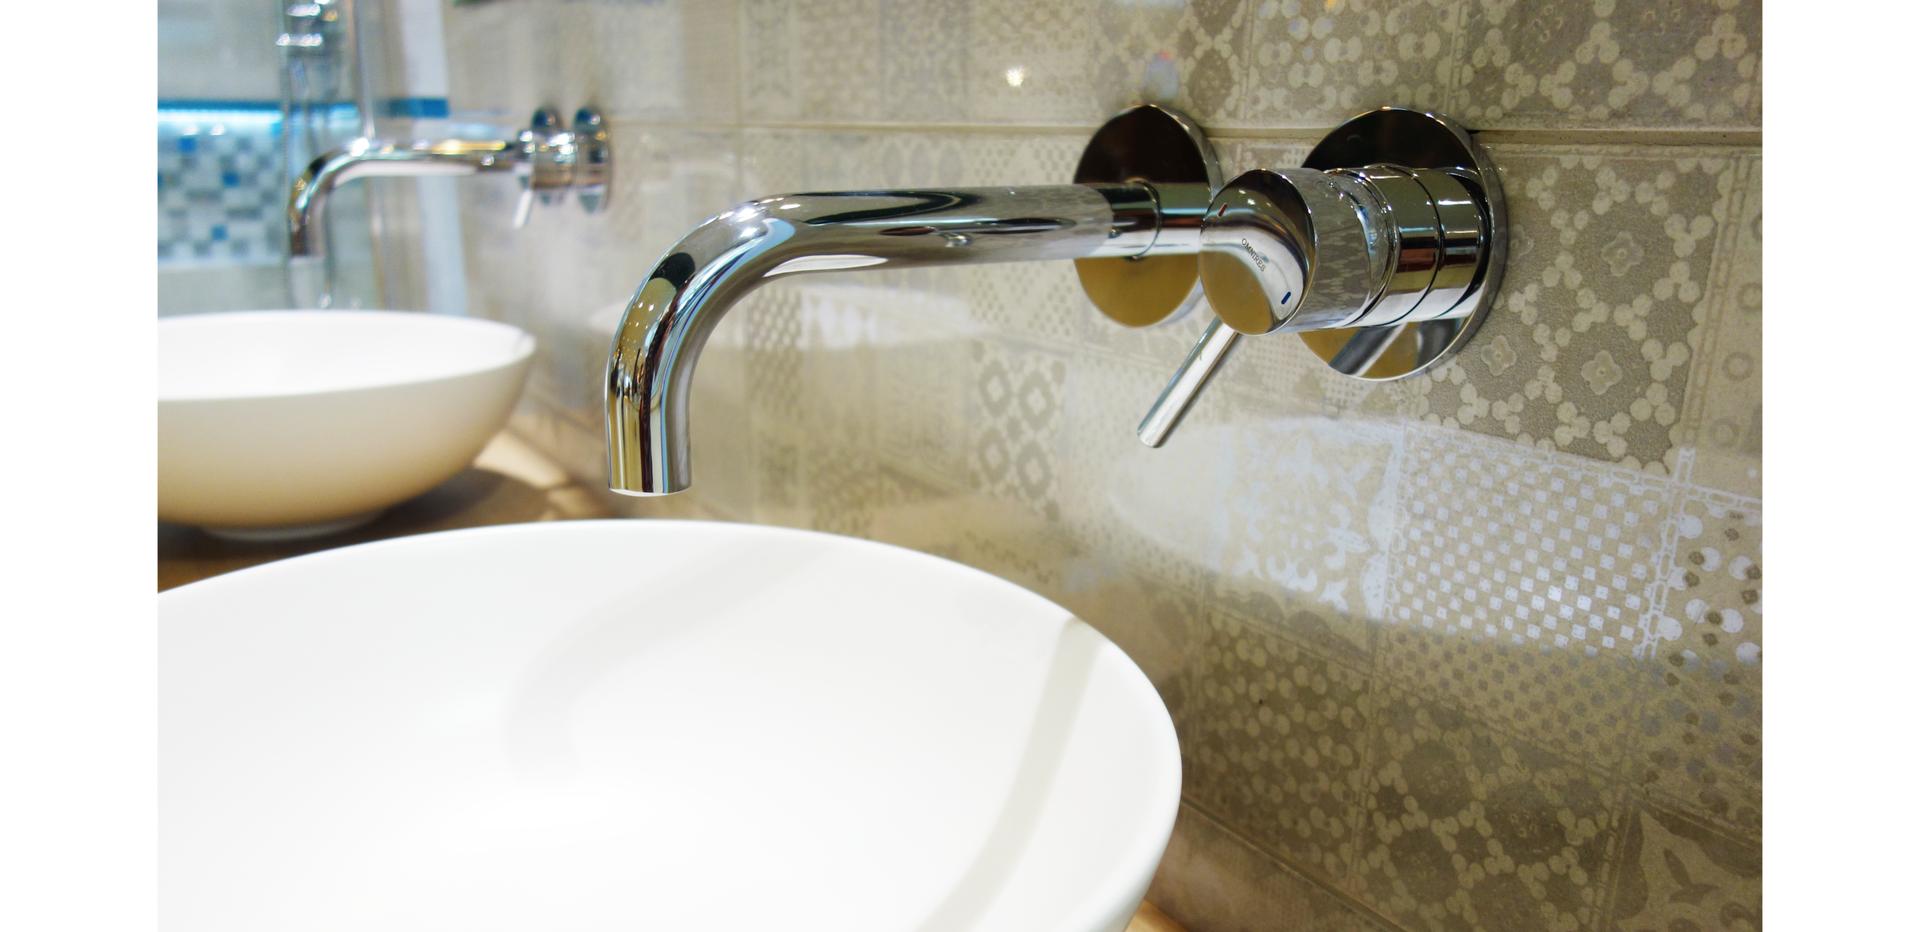 Ilustracja przedstawia baterię umywalkową ścienną jednouchwytową podtynkową.